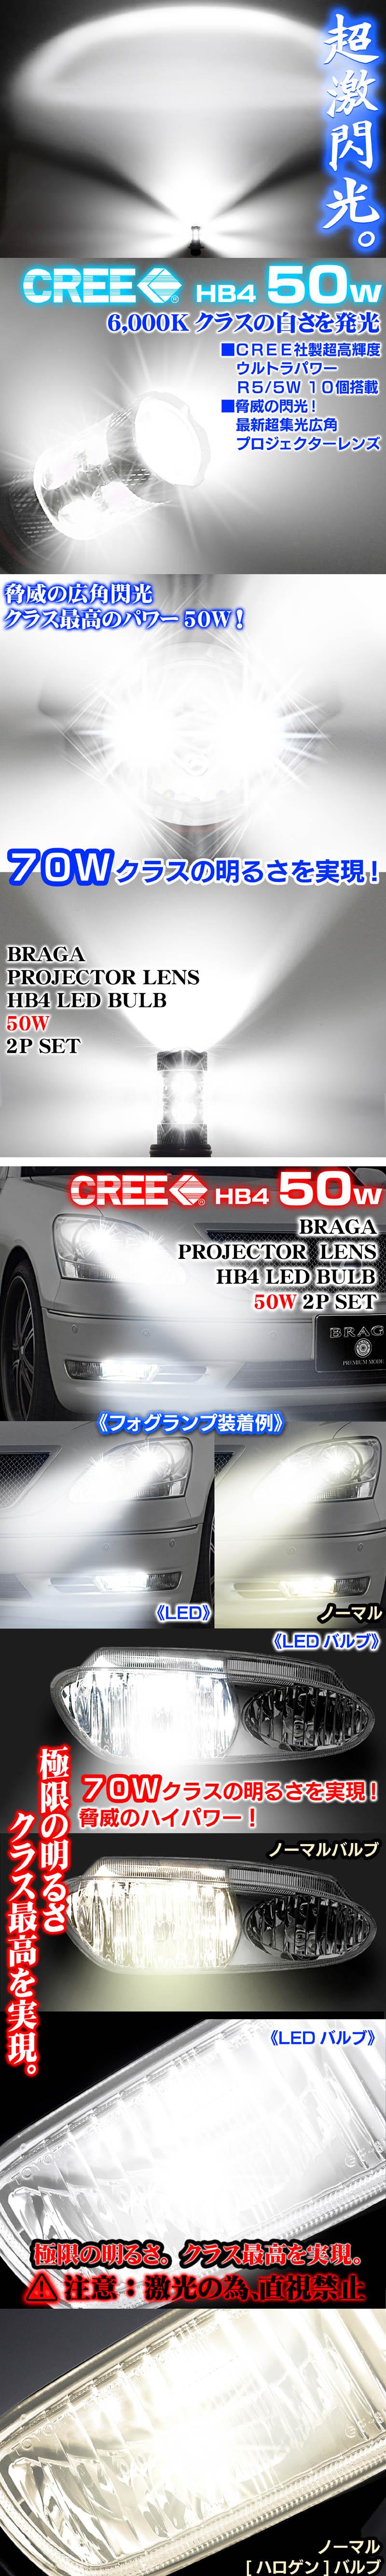 【HB4/50W】ホワイト/CREE社製LEDプロジェクターバルブ/6000K・70Wクラスの光を実現!《2個セット》1年保証/ブラガ